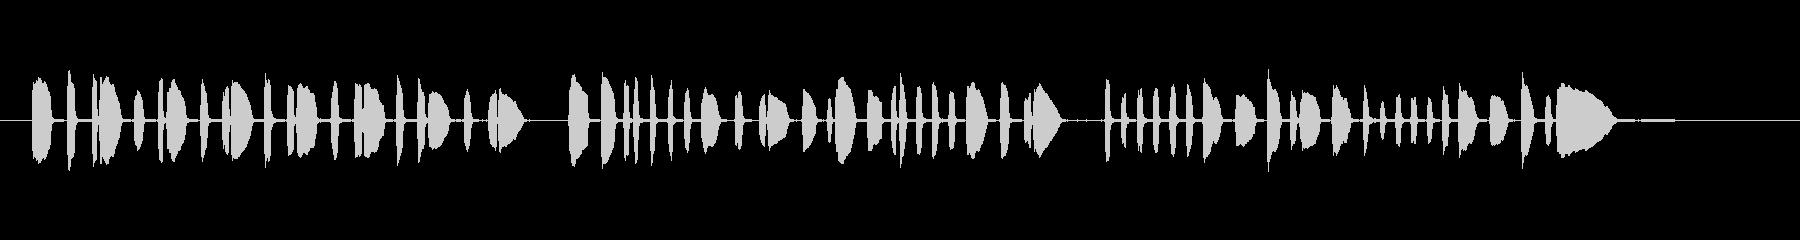 ビューグルタトゥー-軍事、ビューグ...の未再生の波形